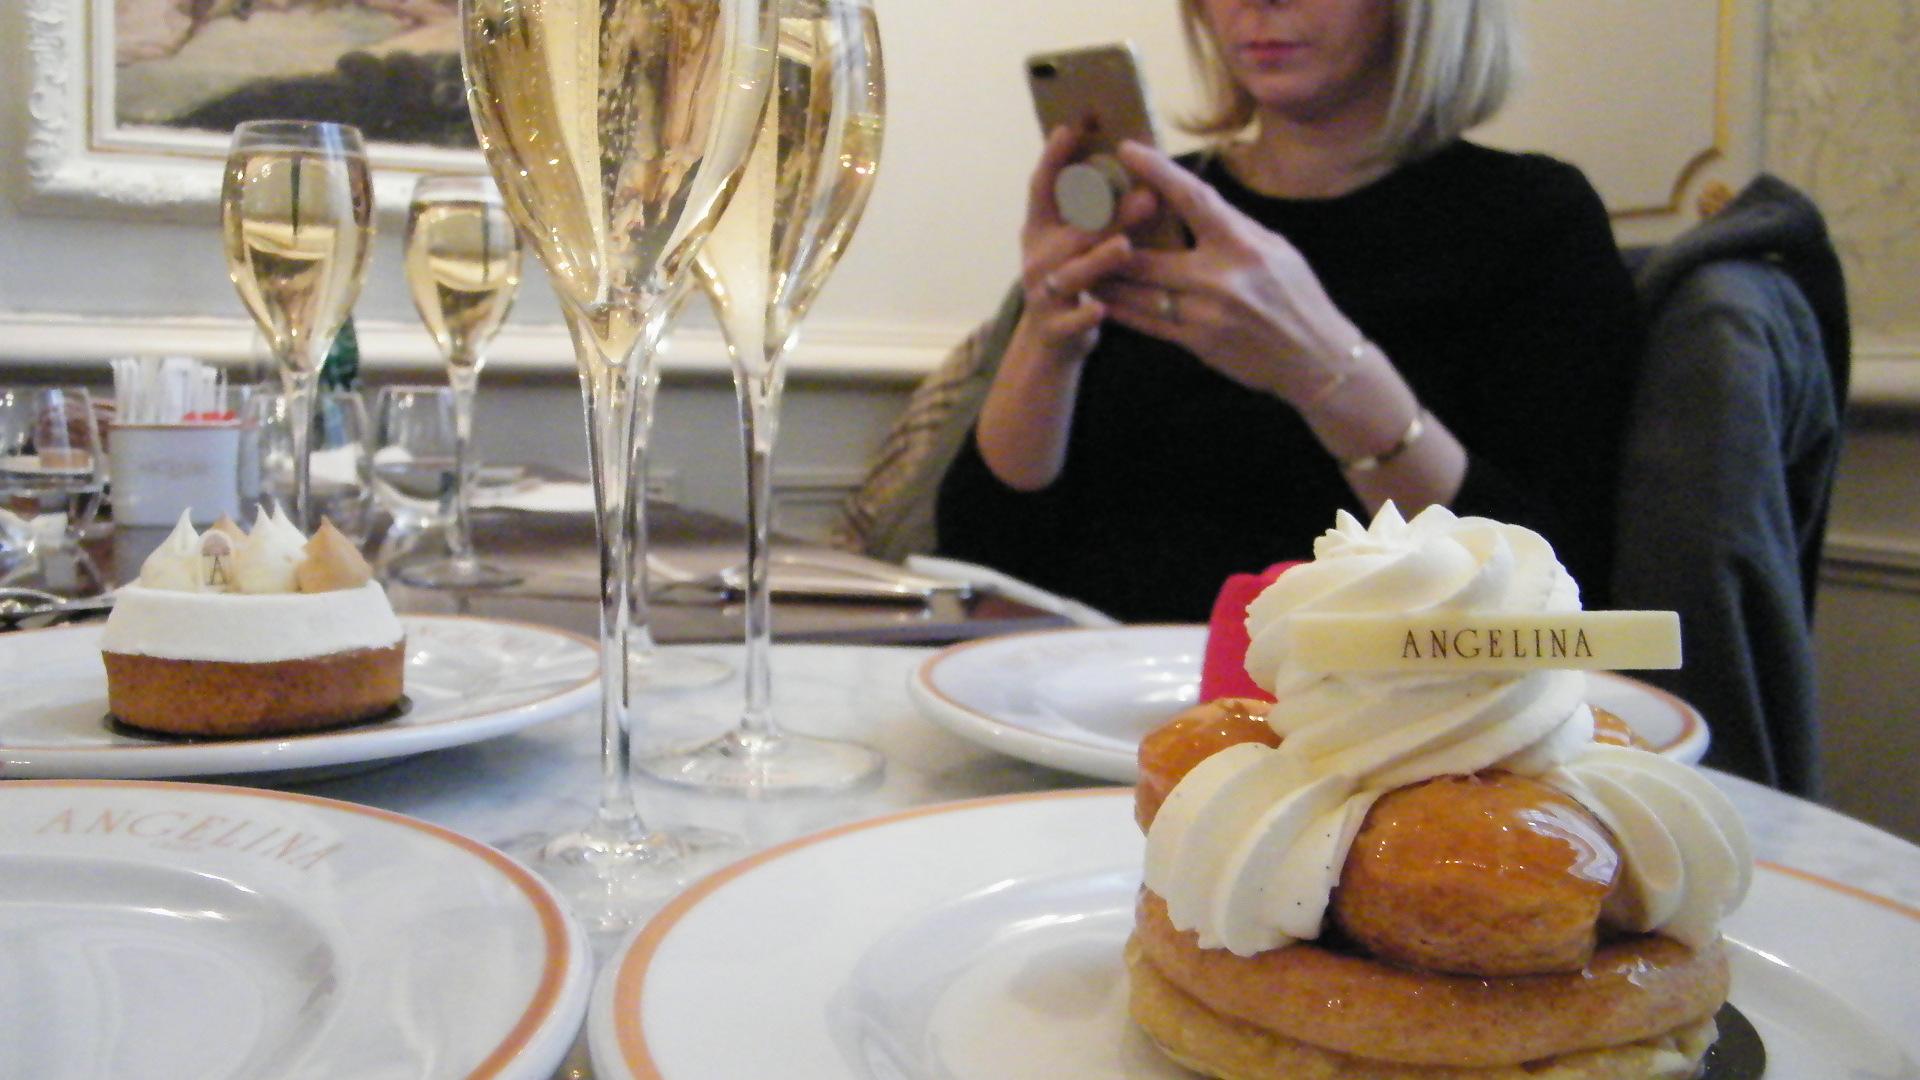 galentines-day-brunch-paris-galeries-lafayette-my-parisian-life-yanique